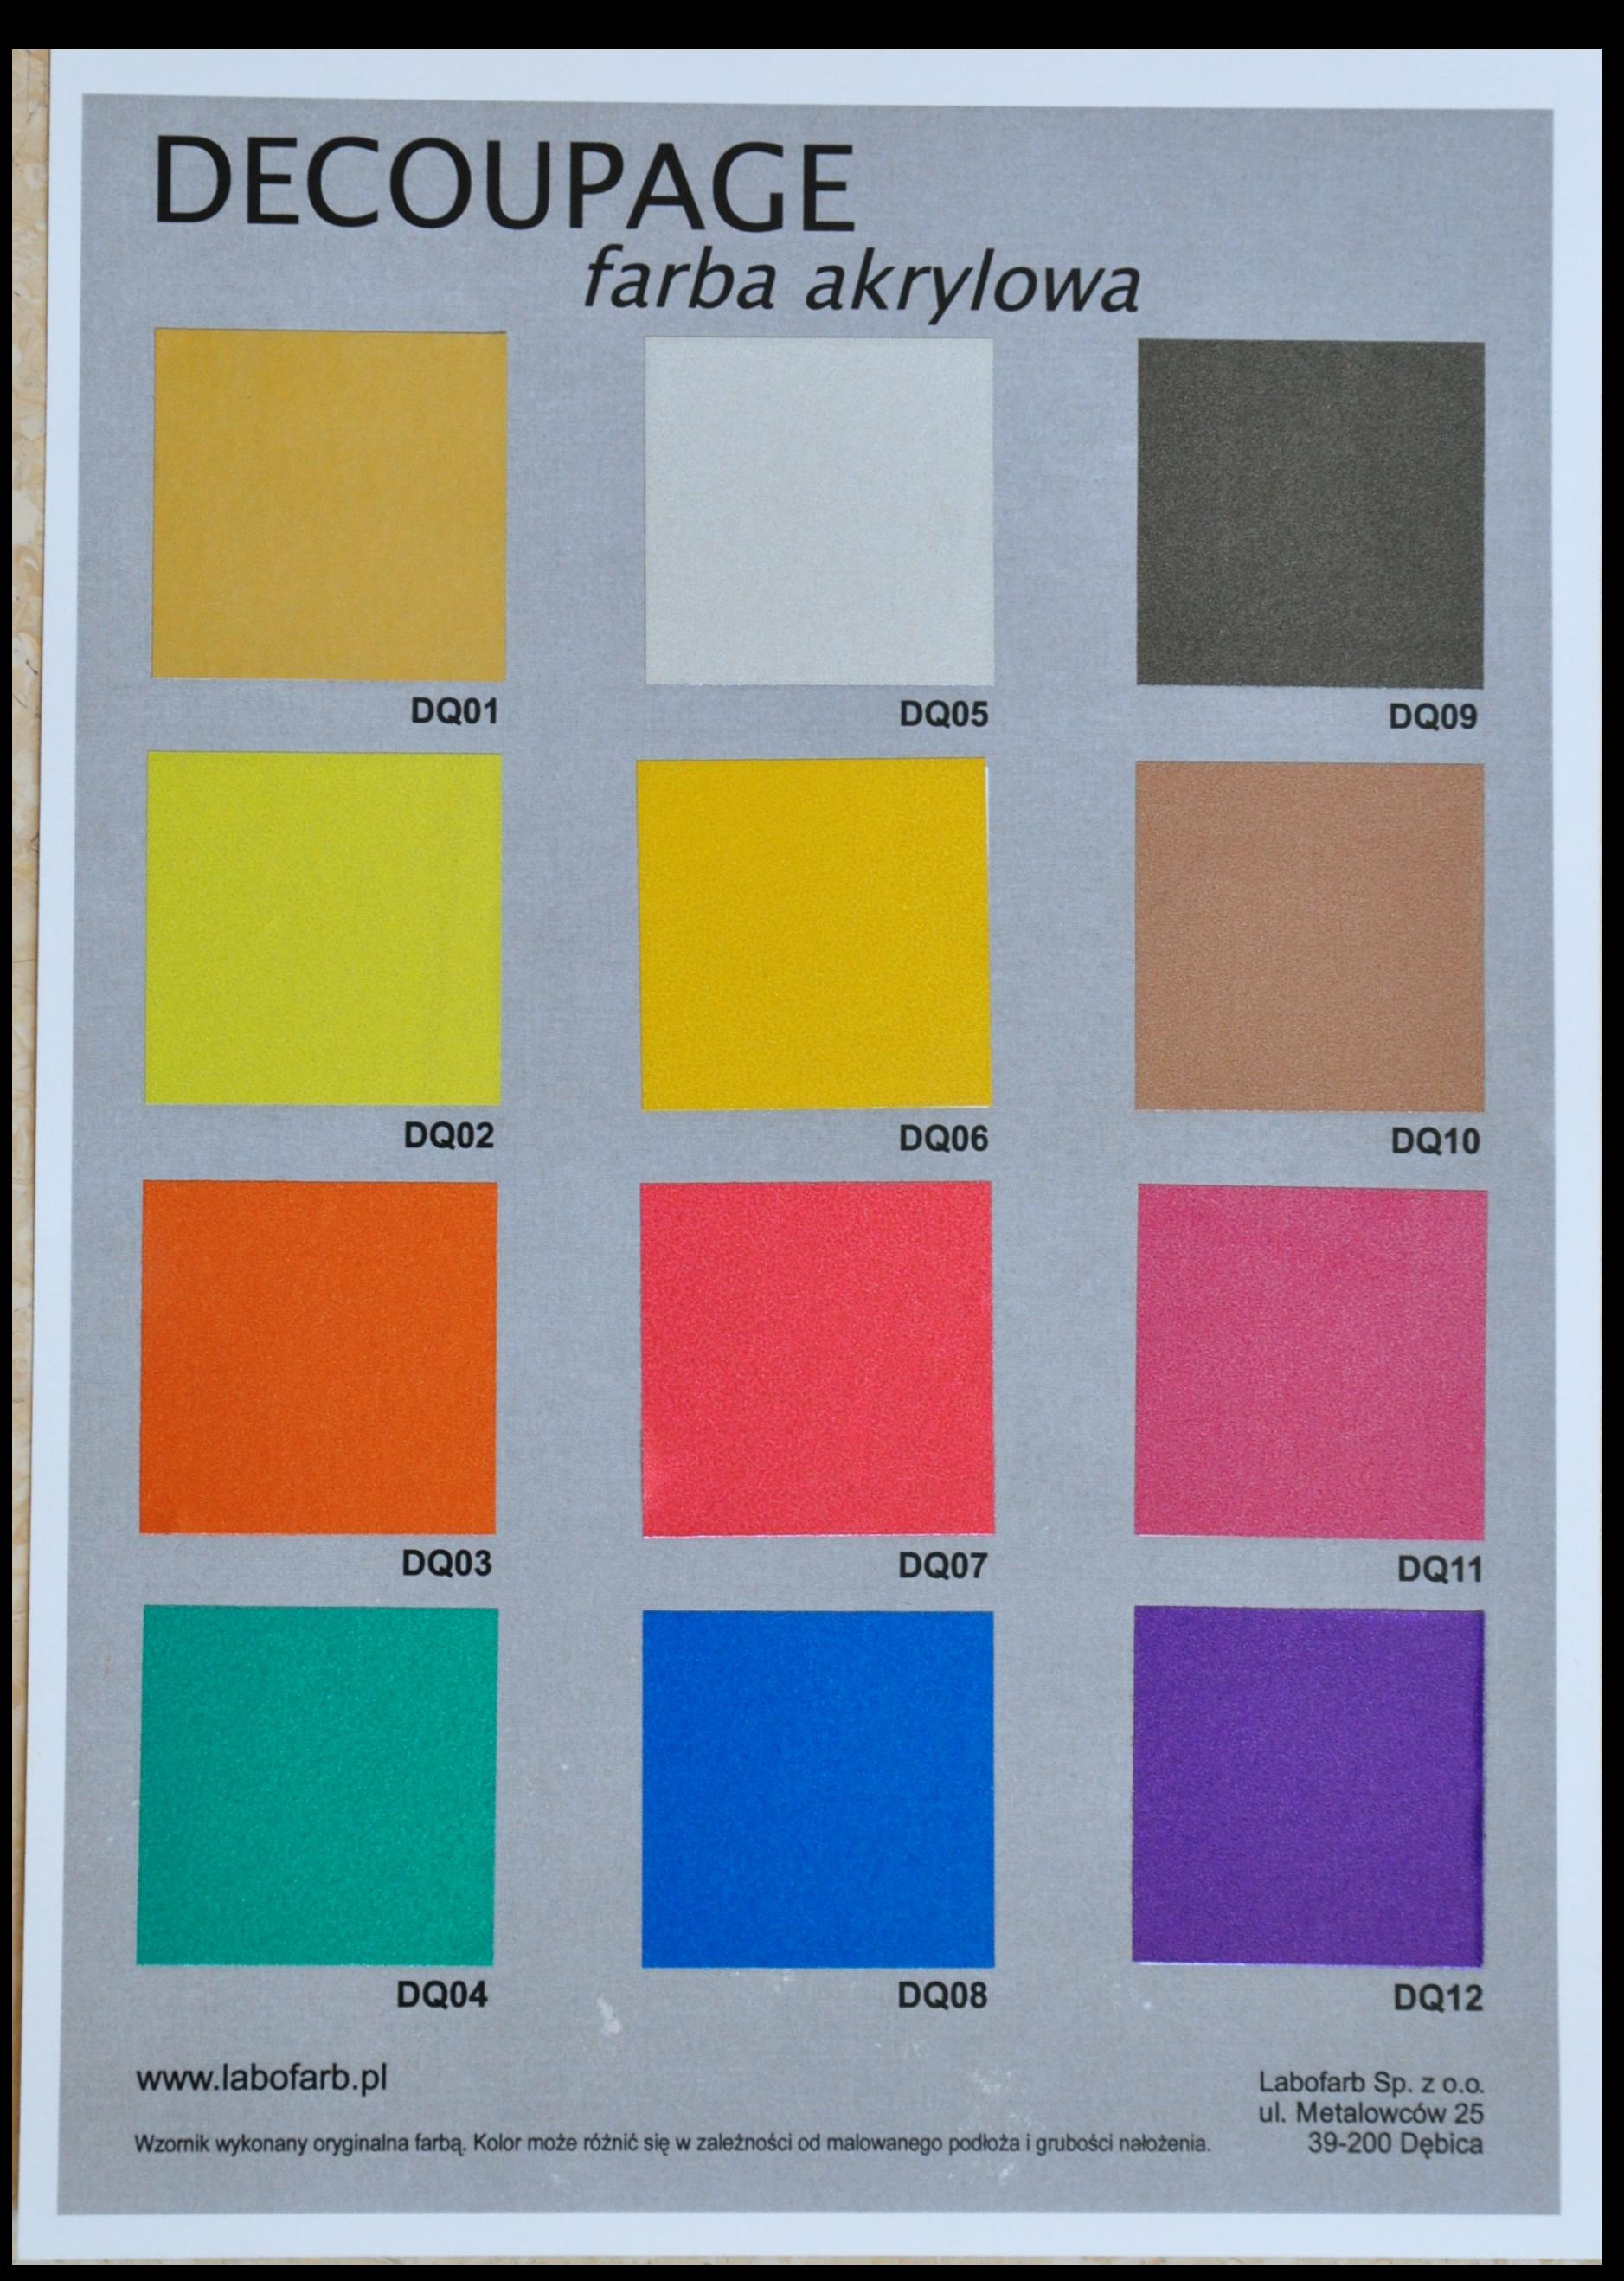 Paleta kolorów HQ DECOUPAGE